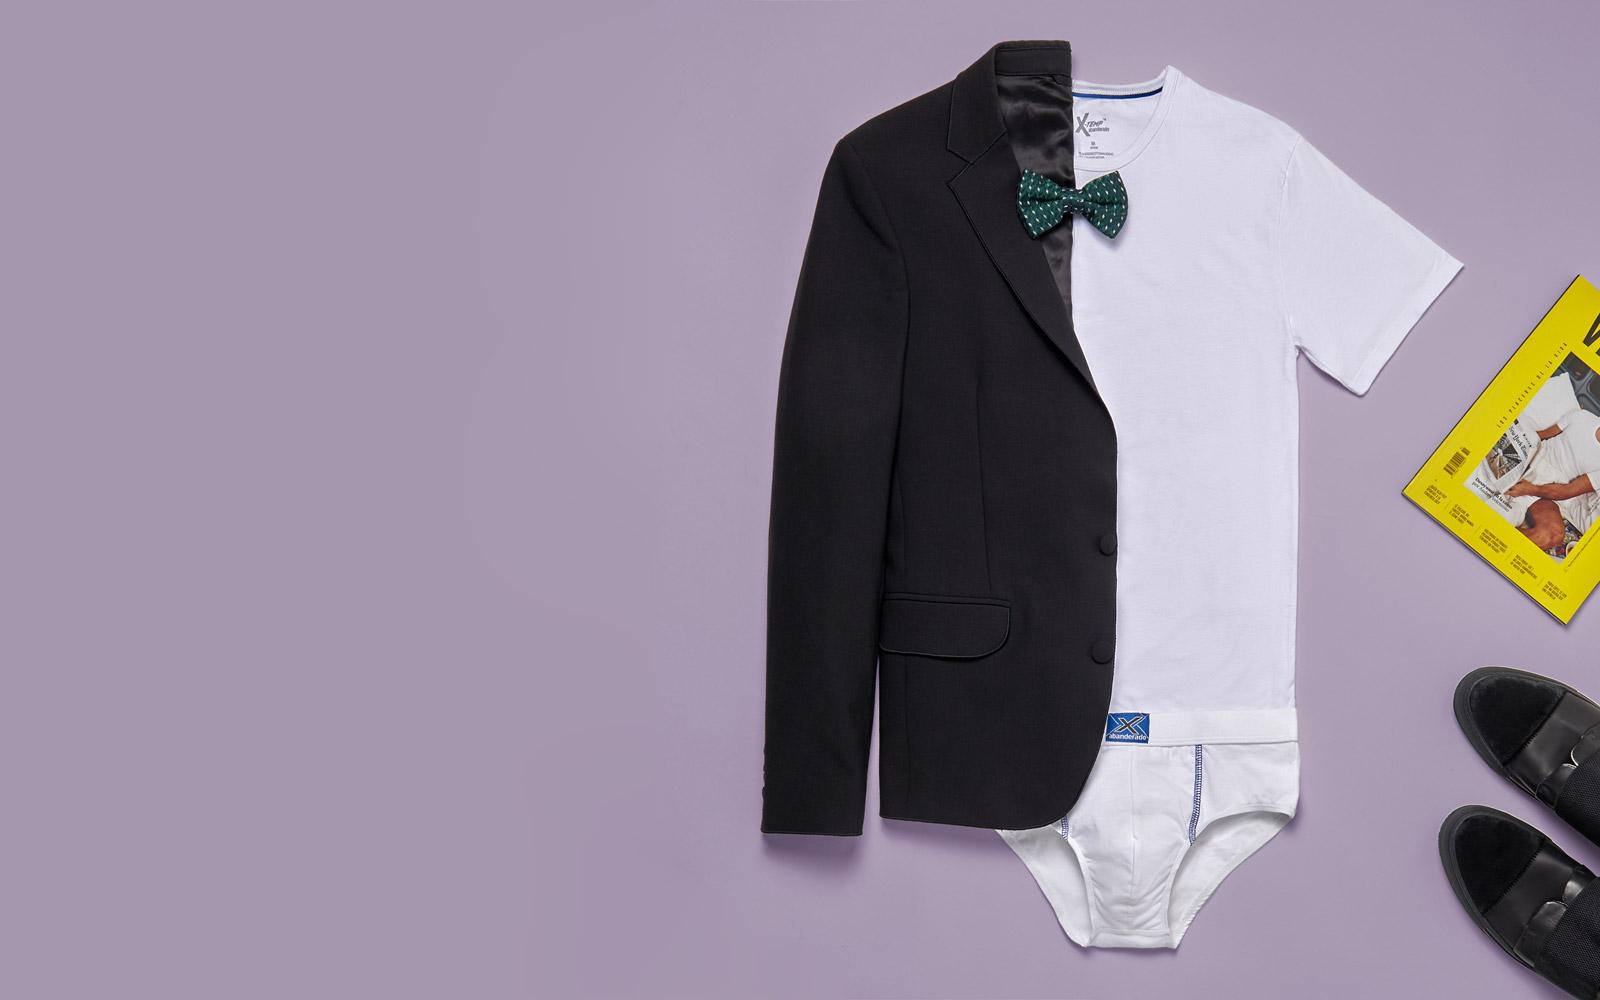 camiseta blanca y traje